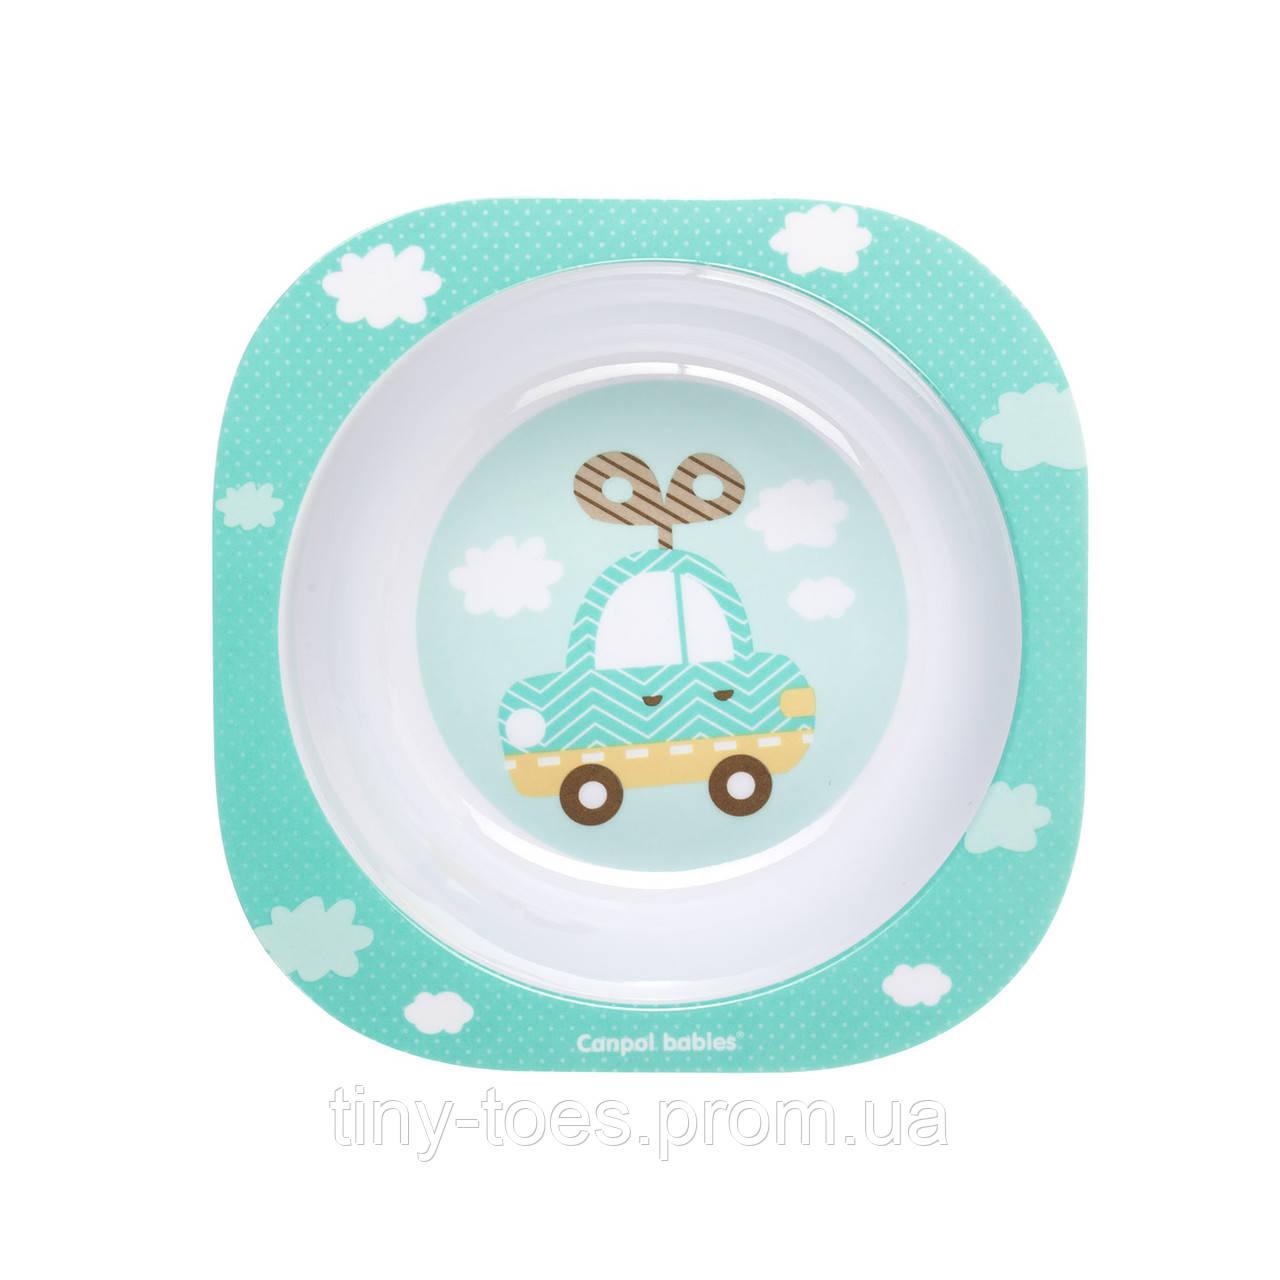 Мисочка для немовлят з меламіну Canpol babies Toys 230мл